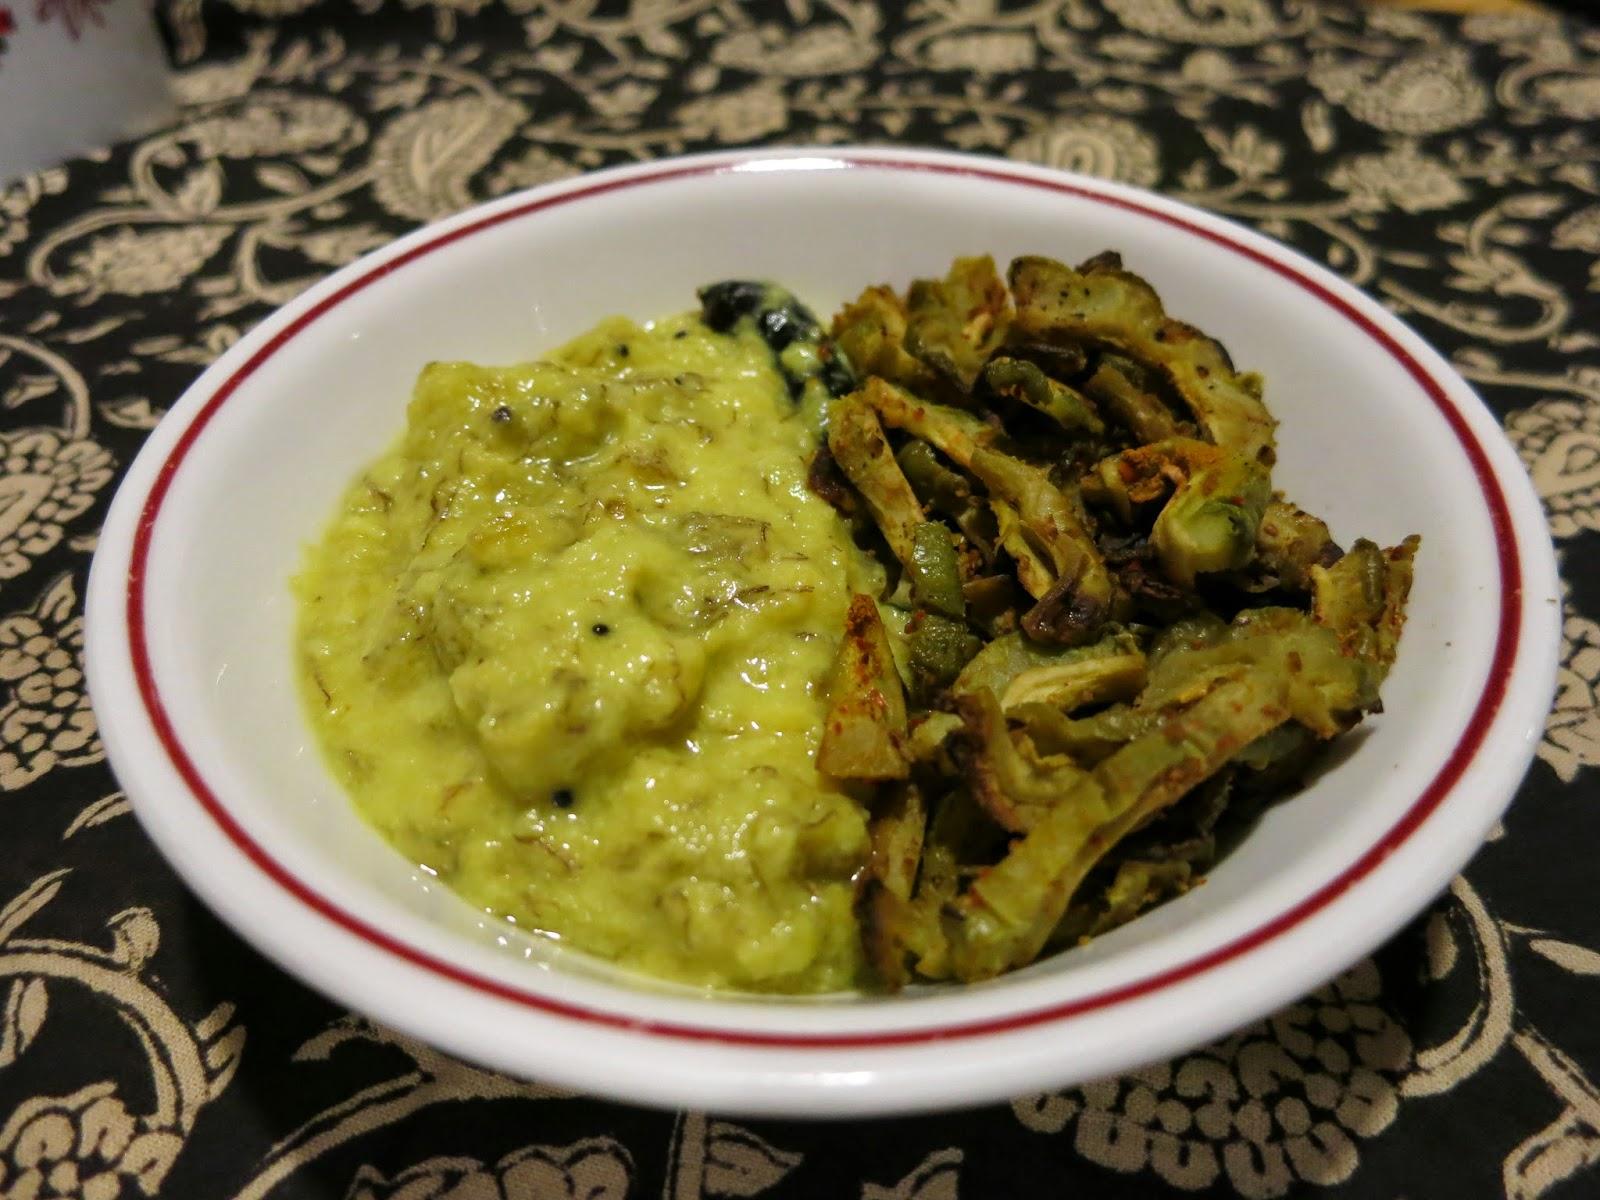 Geetha's Kitchen: August 2014